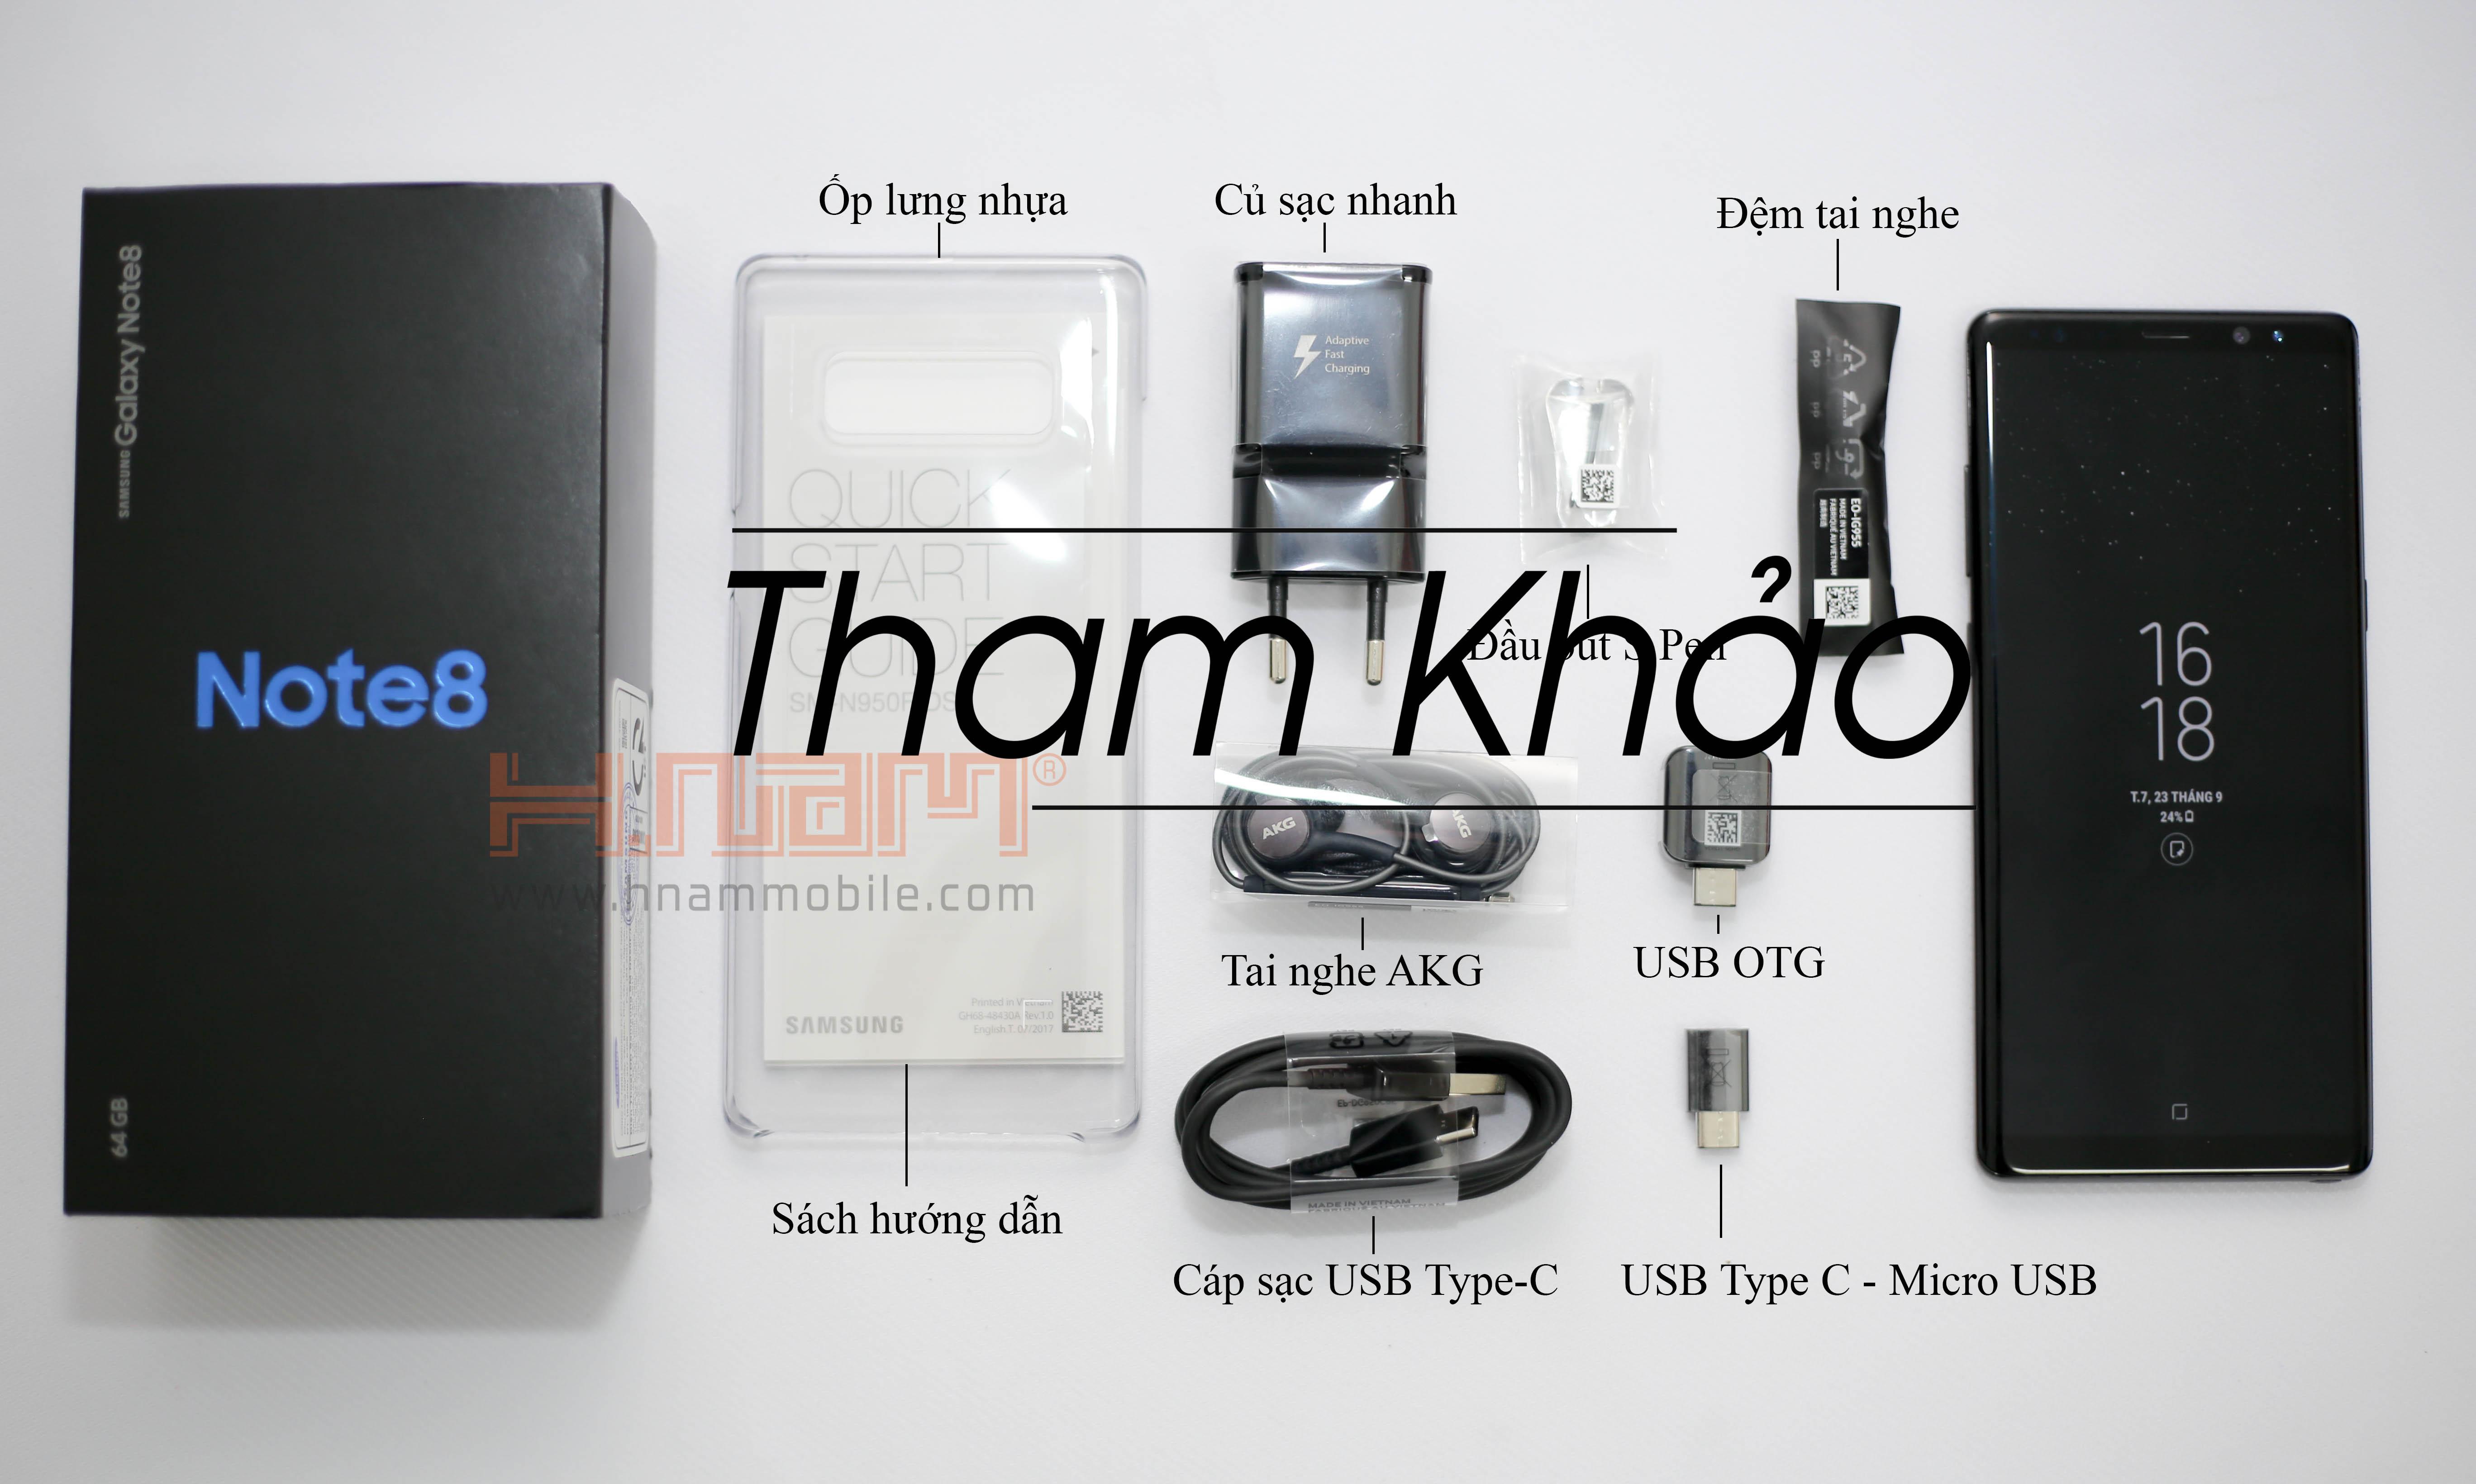 Samsung Galaxy Note 8 64Gb N950 Mỹ ( 67 Trần Quang Khải ) hình sản phẩm 0